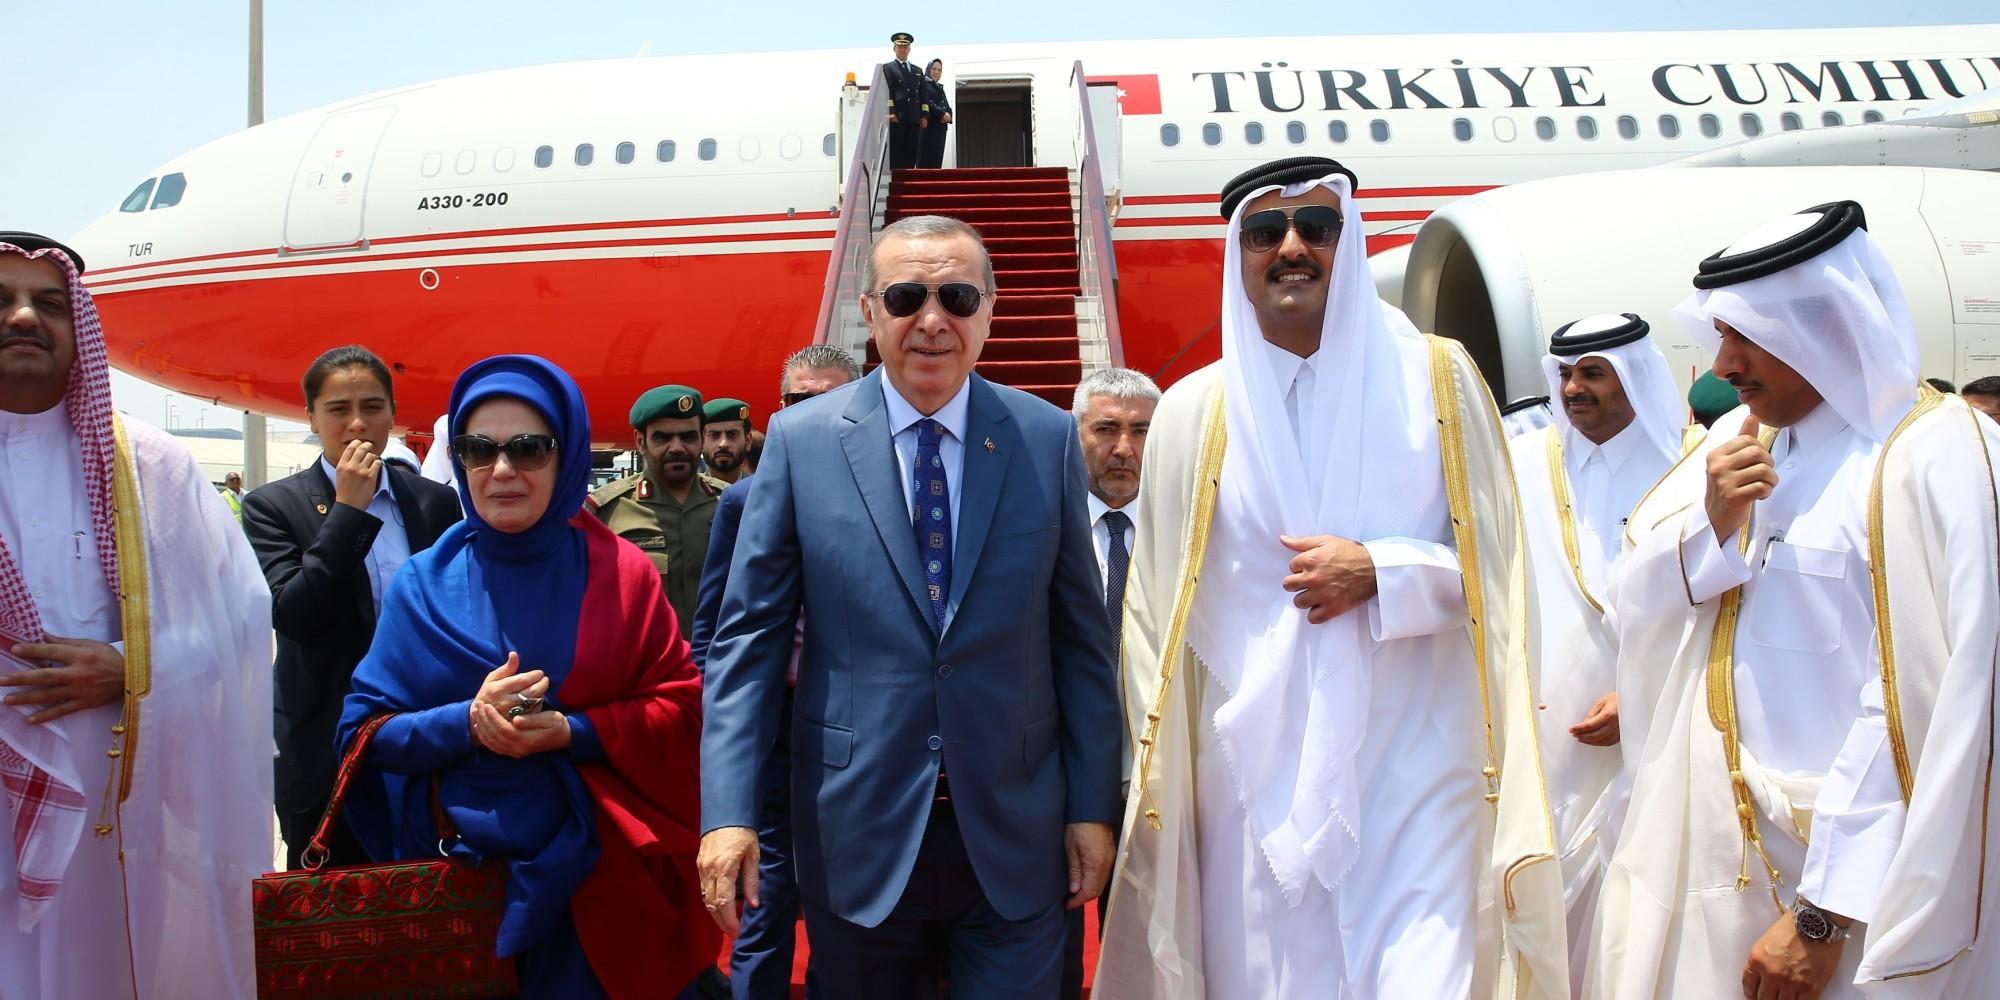 تركيا: يمكننا تلبية كل احتياجات الدوحة اليومية سواء بالتصدير إليها أو بالتصنيع داخل قطر